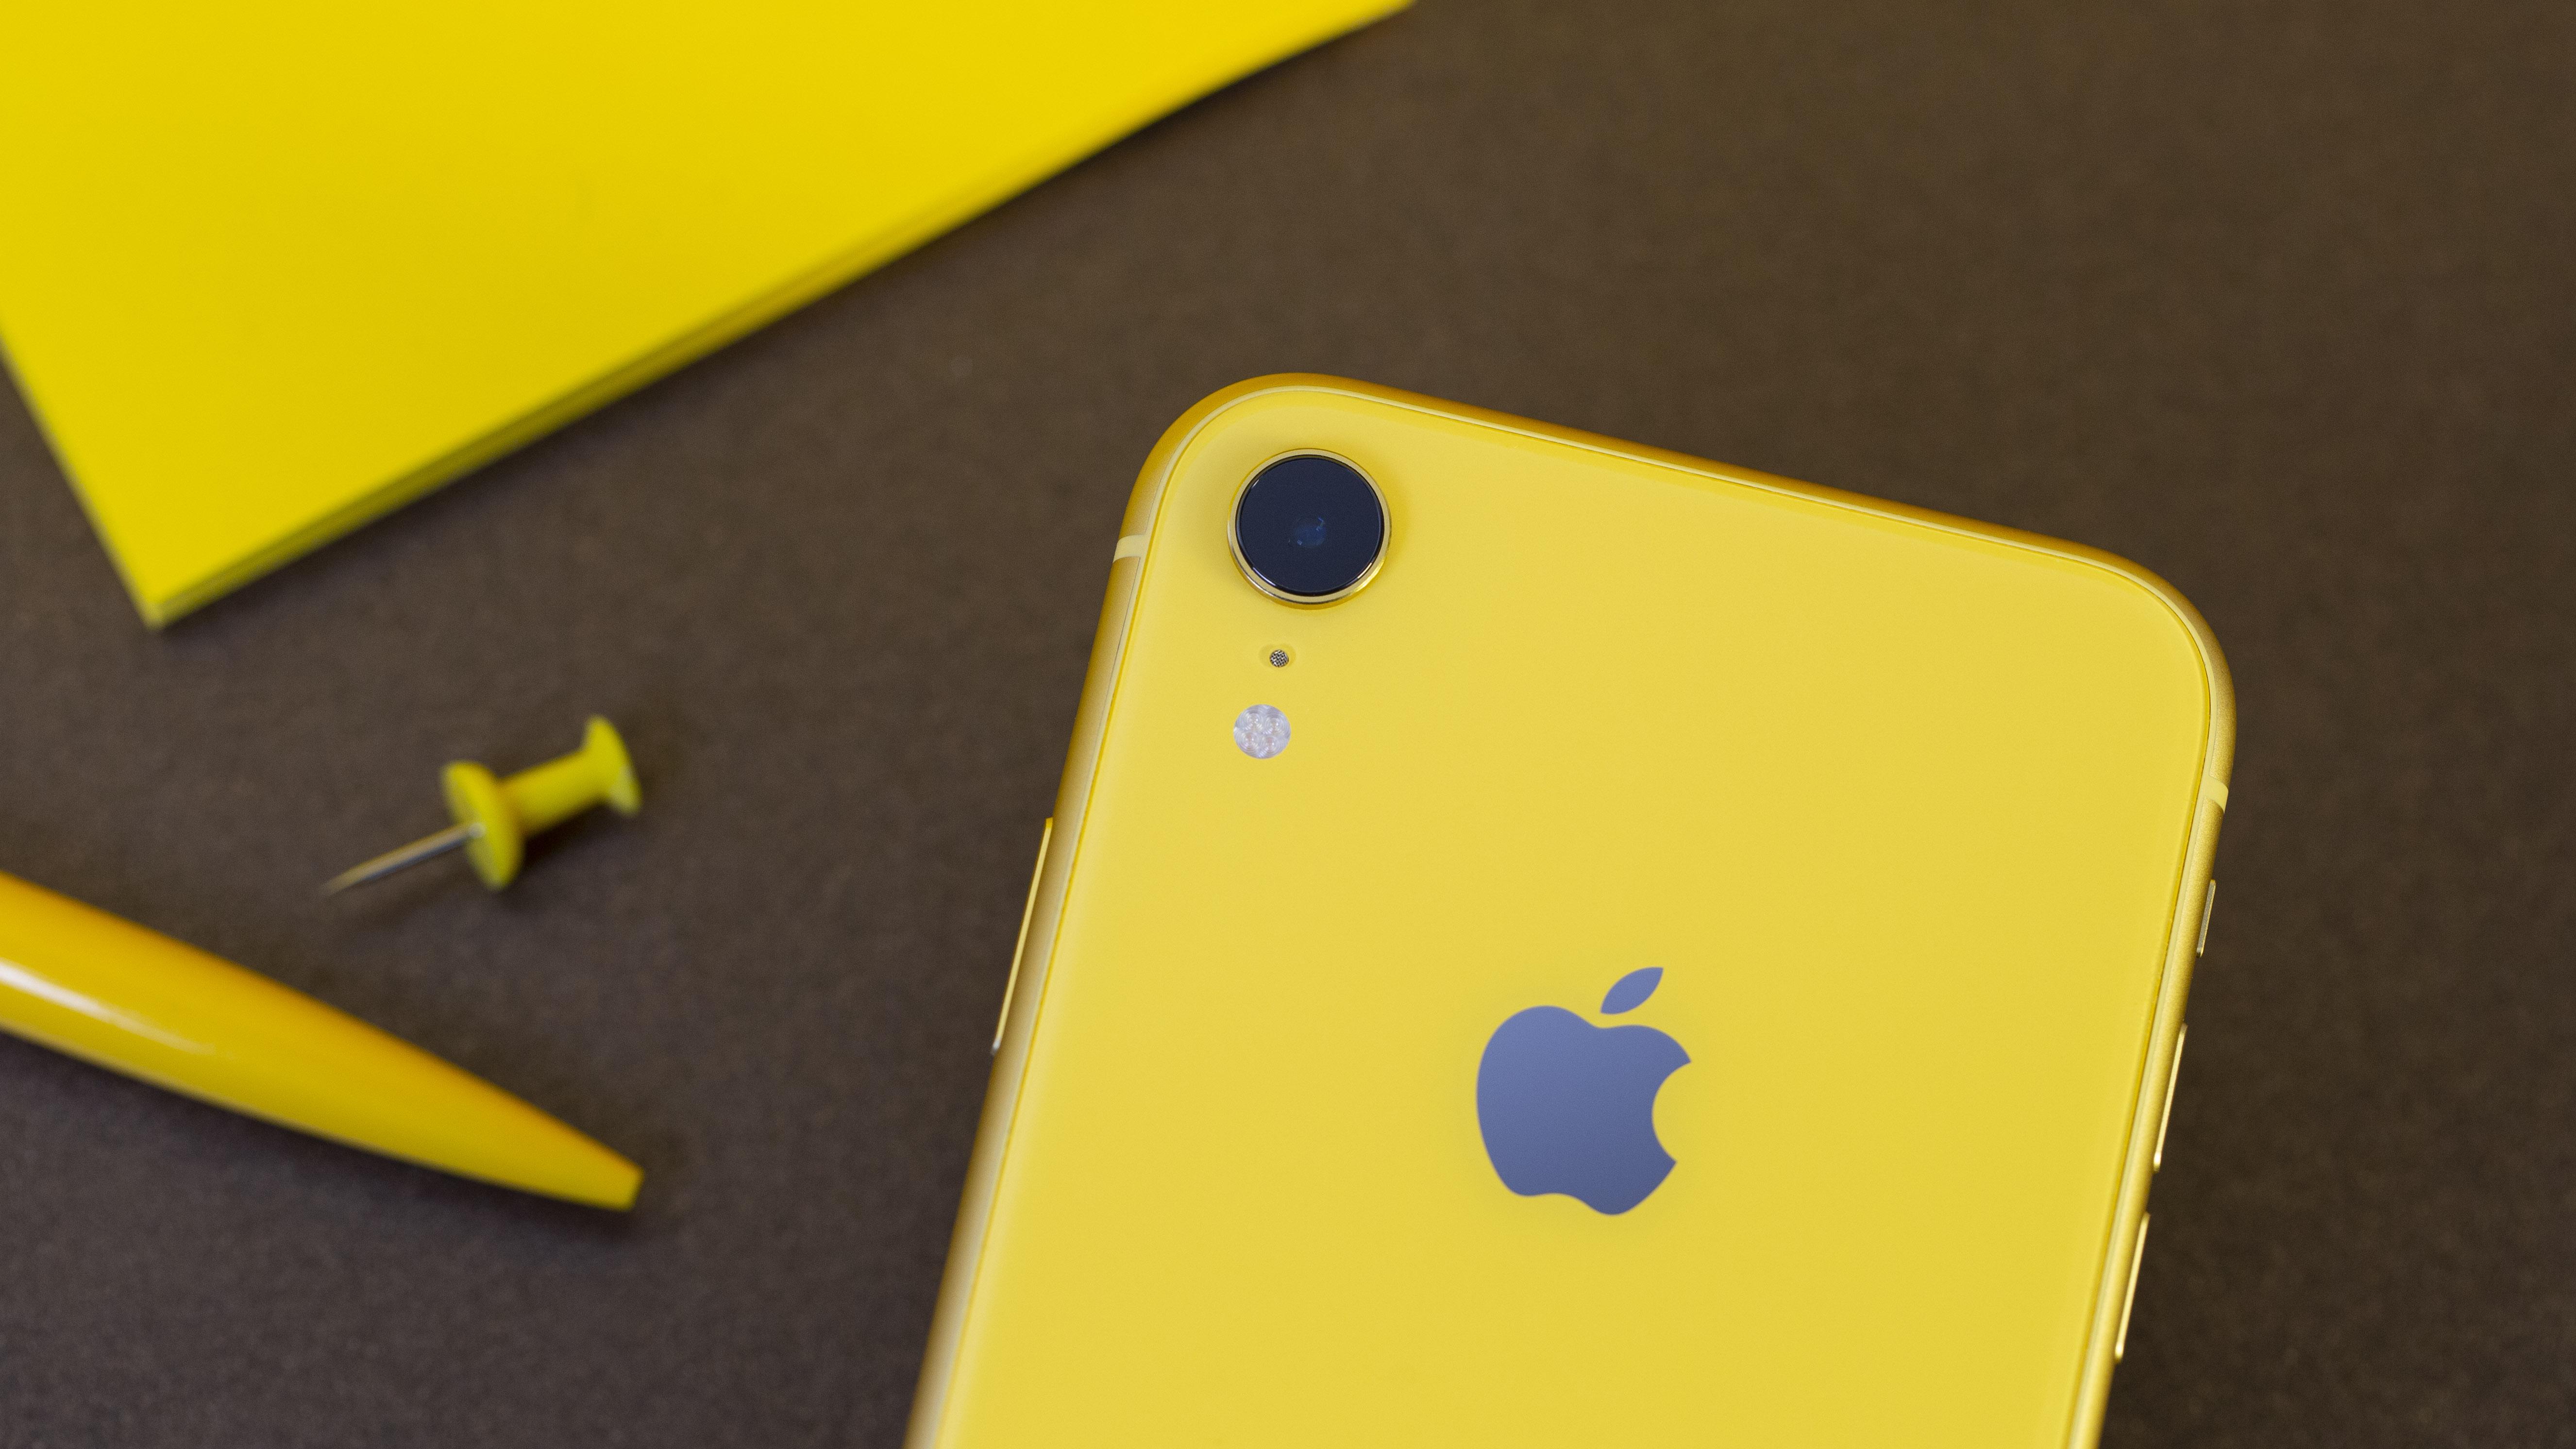 Iphone 11 Iphone 11 Pro So Verfolgt Ihr Die Apple Keynote